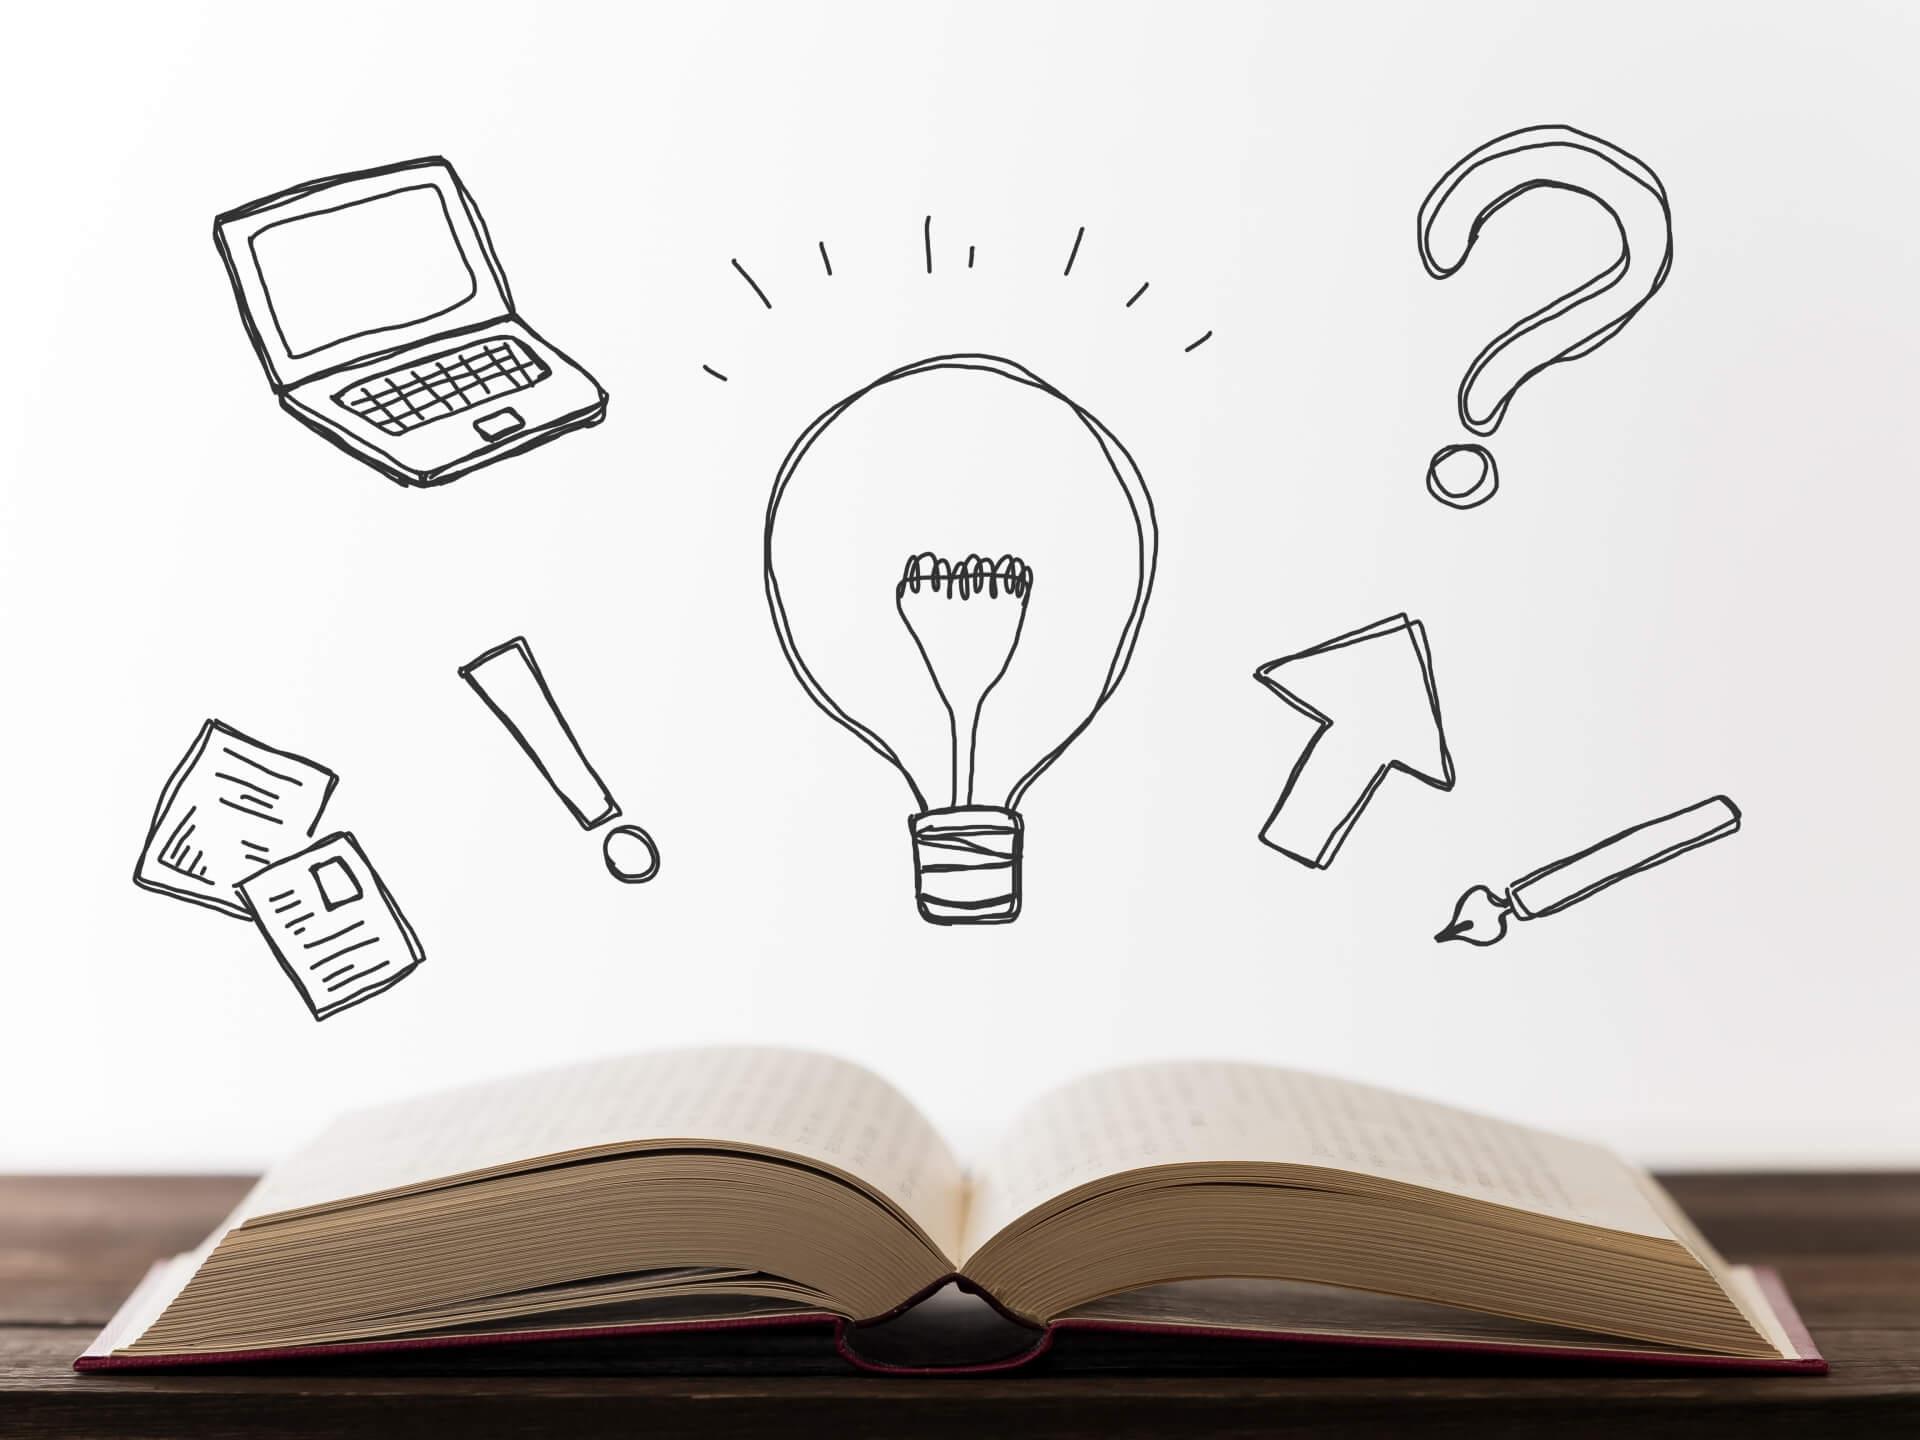 買取してもらえるスーツケースの特徴は何か。開いた本から飛び出す大きな光る電球のイラスト